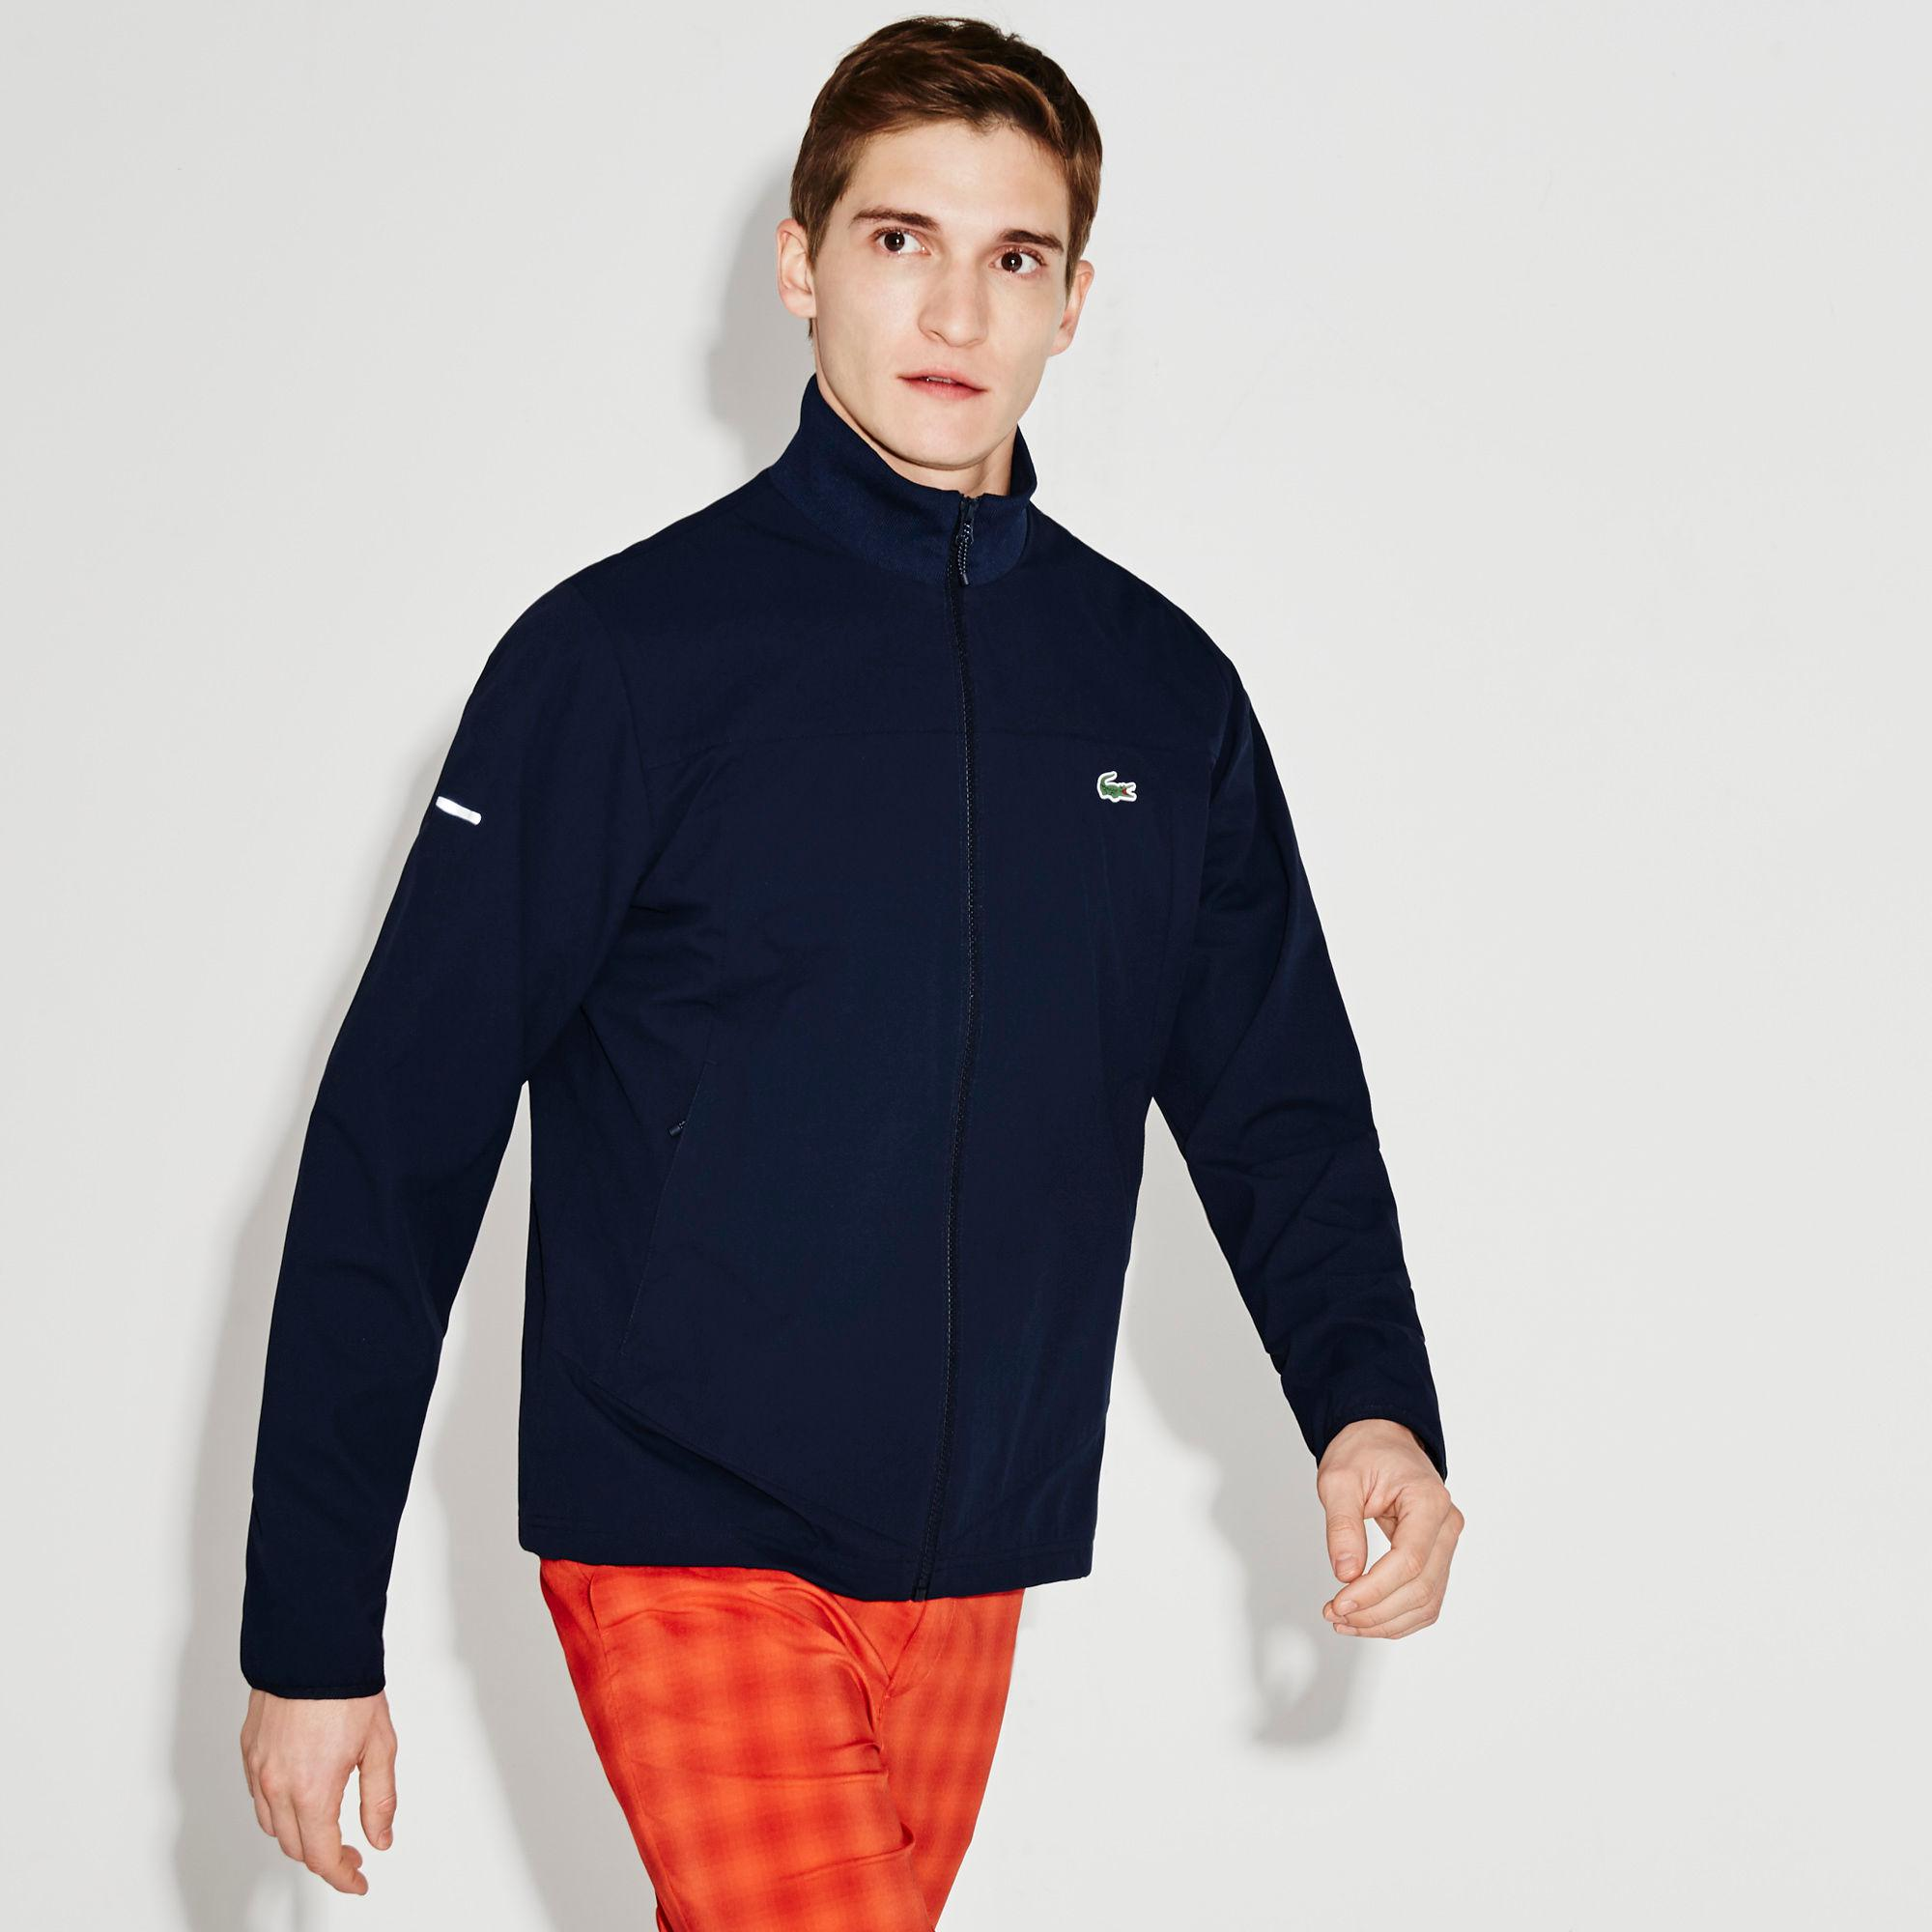 lacoste sport mens jacket navy blue. Black Bedroom Furniture Sets. Home Design Ideas